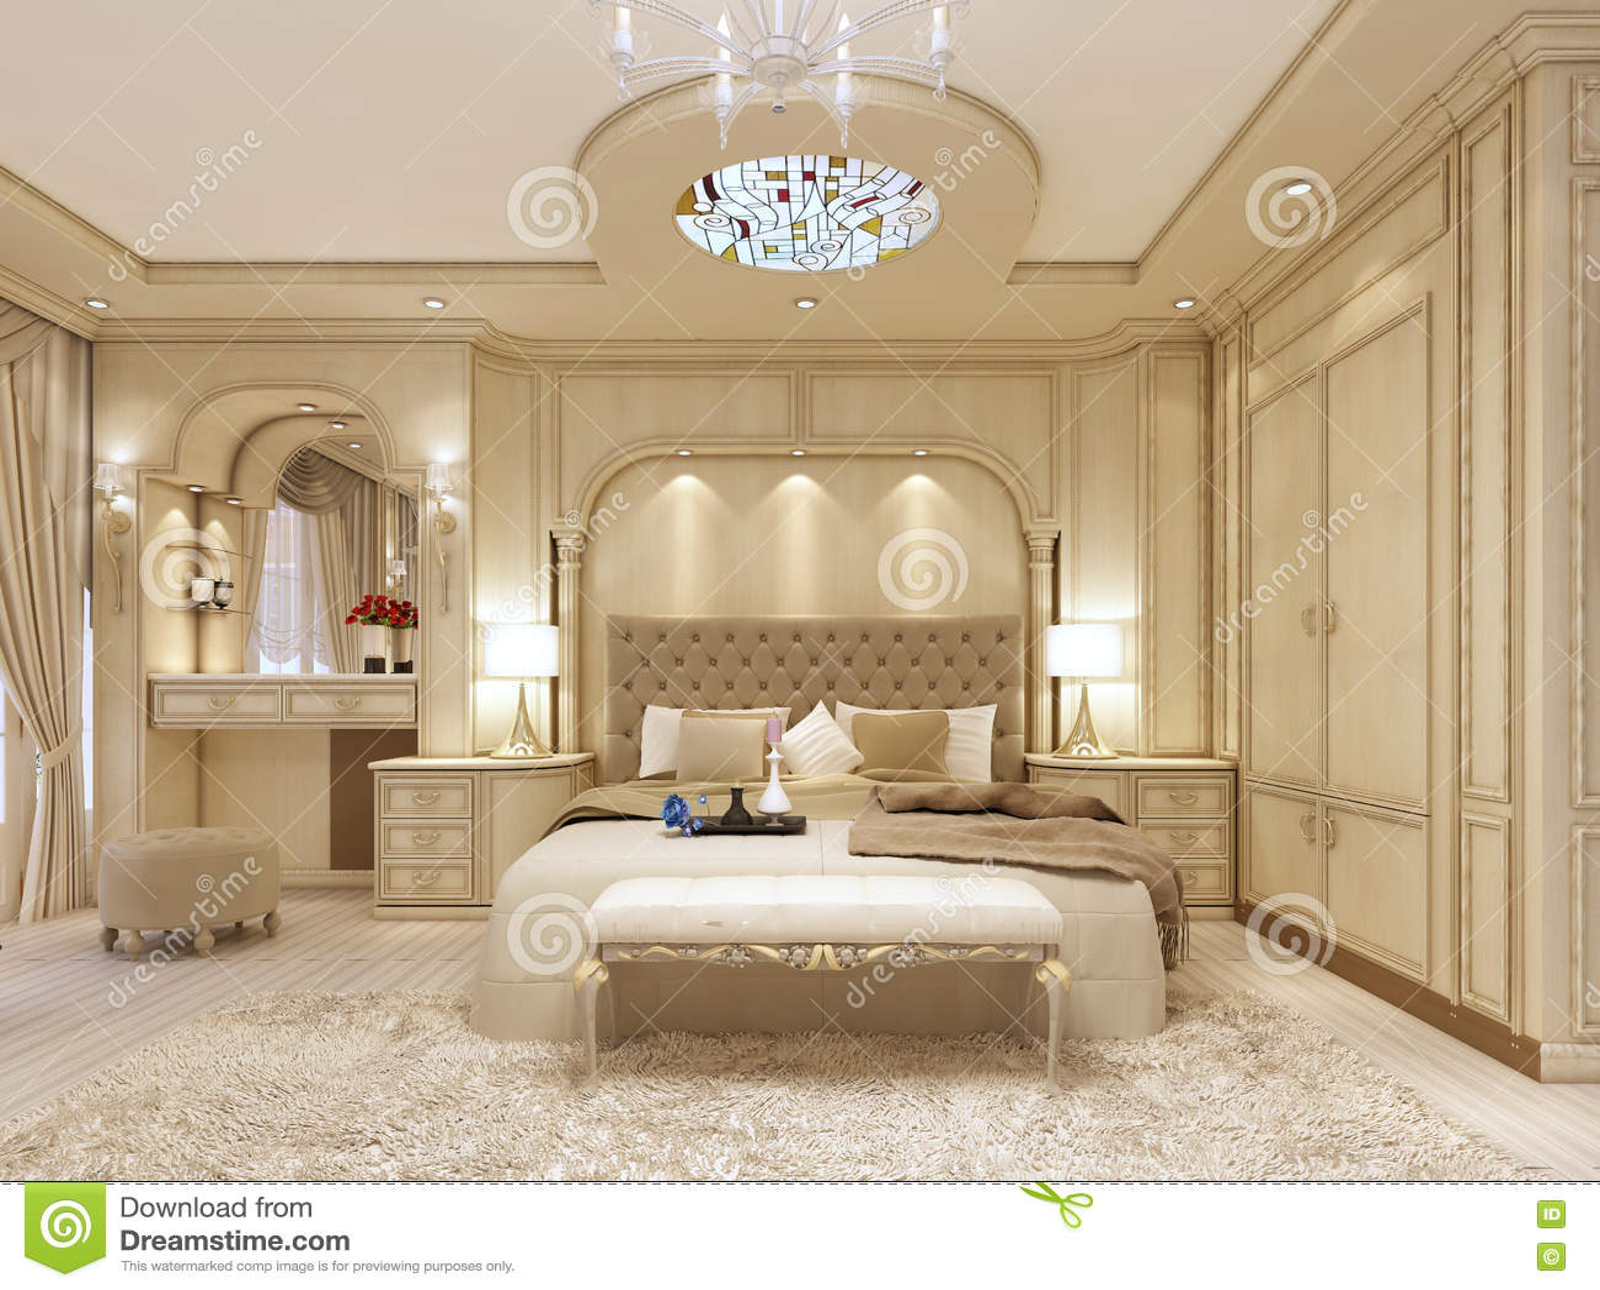 lit de luxe dans une grande chambre coucher n oclassique avec le cr neau d coratif. Black Bedroom Furniture Sets. Home Design Ideas